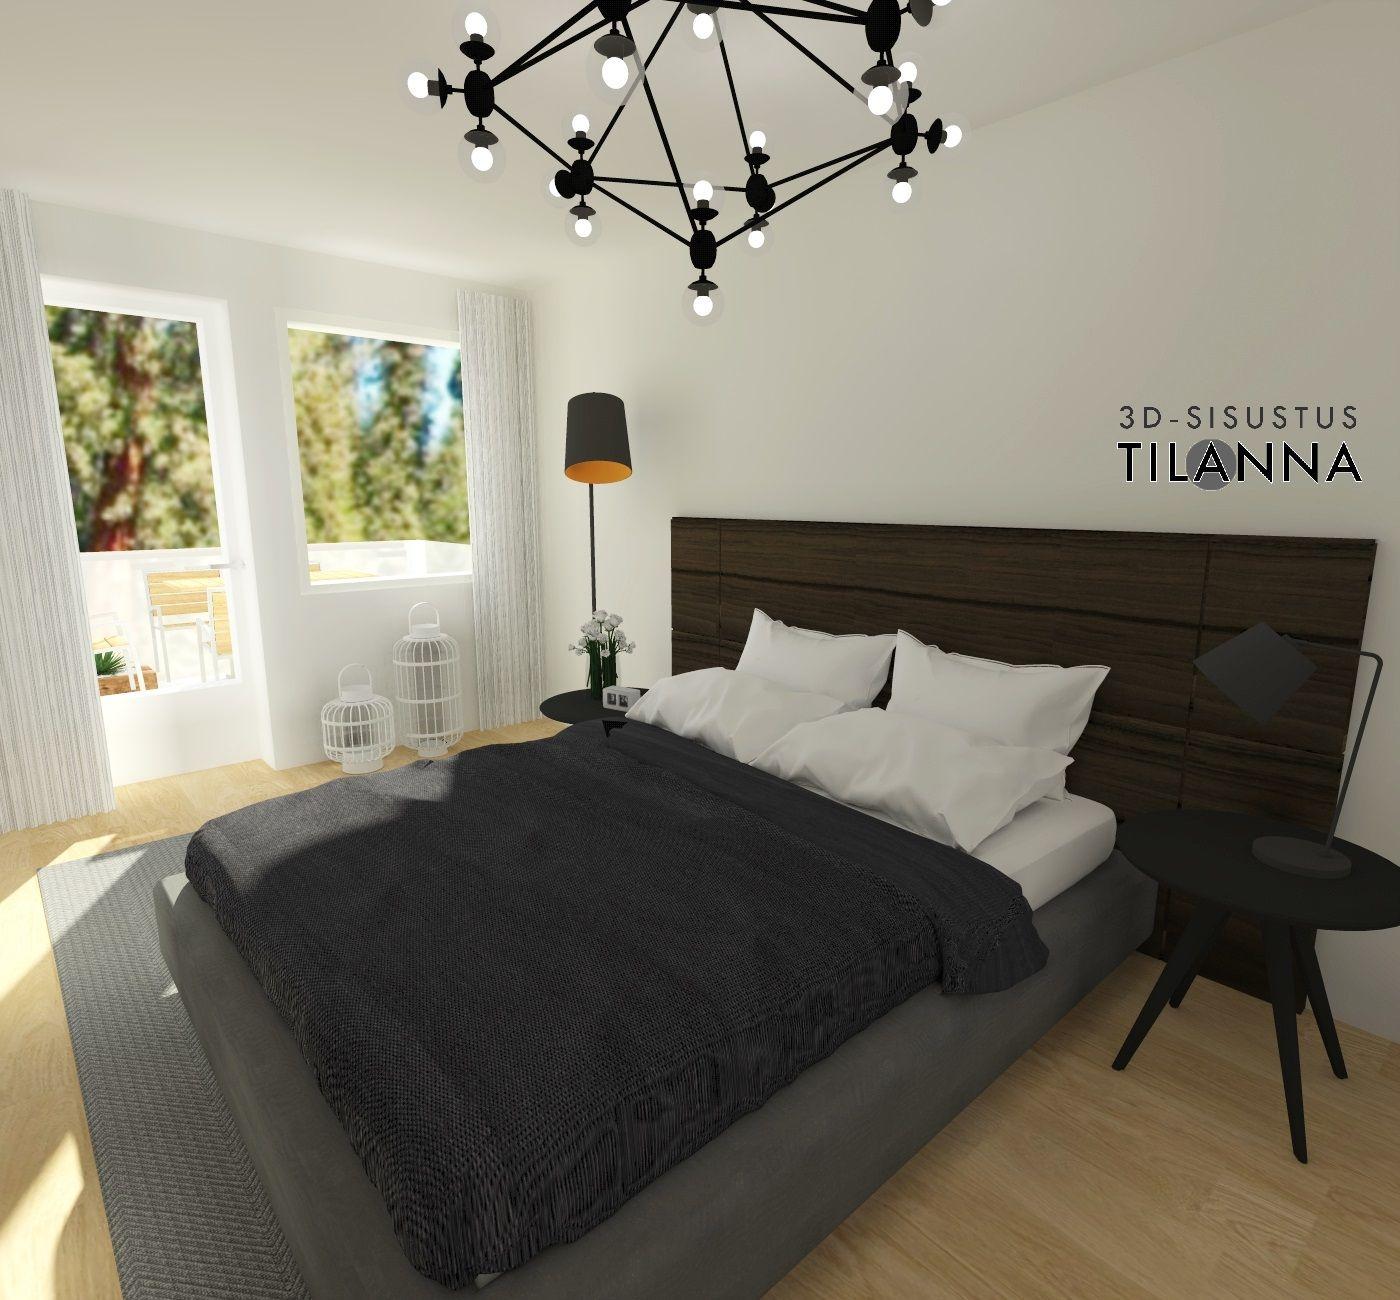 3D-sisustussuunnittelu ja -stailaus/ moderni - skandinaavinen makuuhuone, bola suspension kattovalaisin, tammiparketti, valkoiset seinät (tikkurilan paperi)/ Sancon, Åkerskränden 13 / 3D-sisustus Tilanna